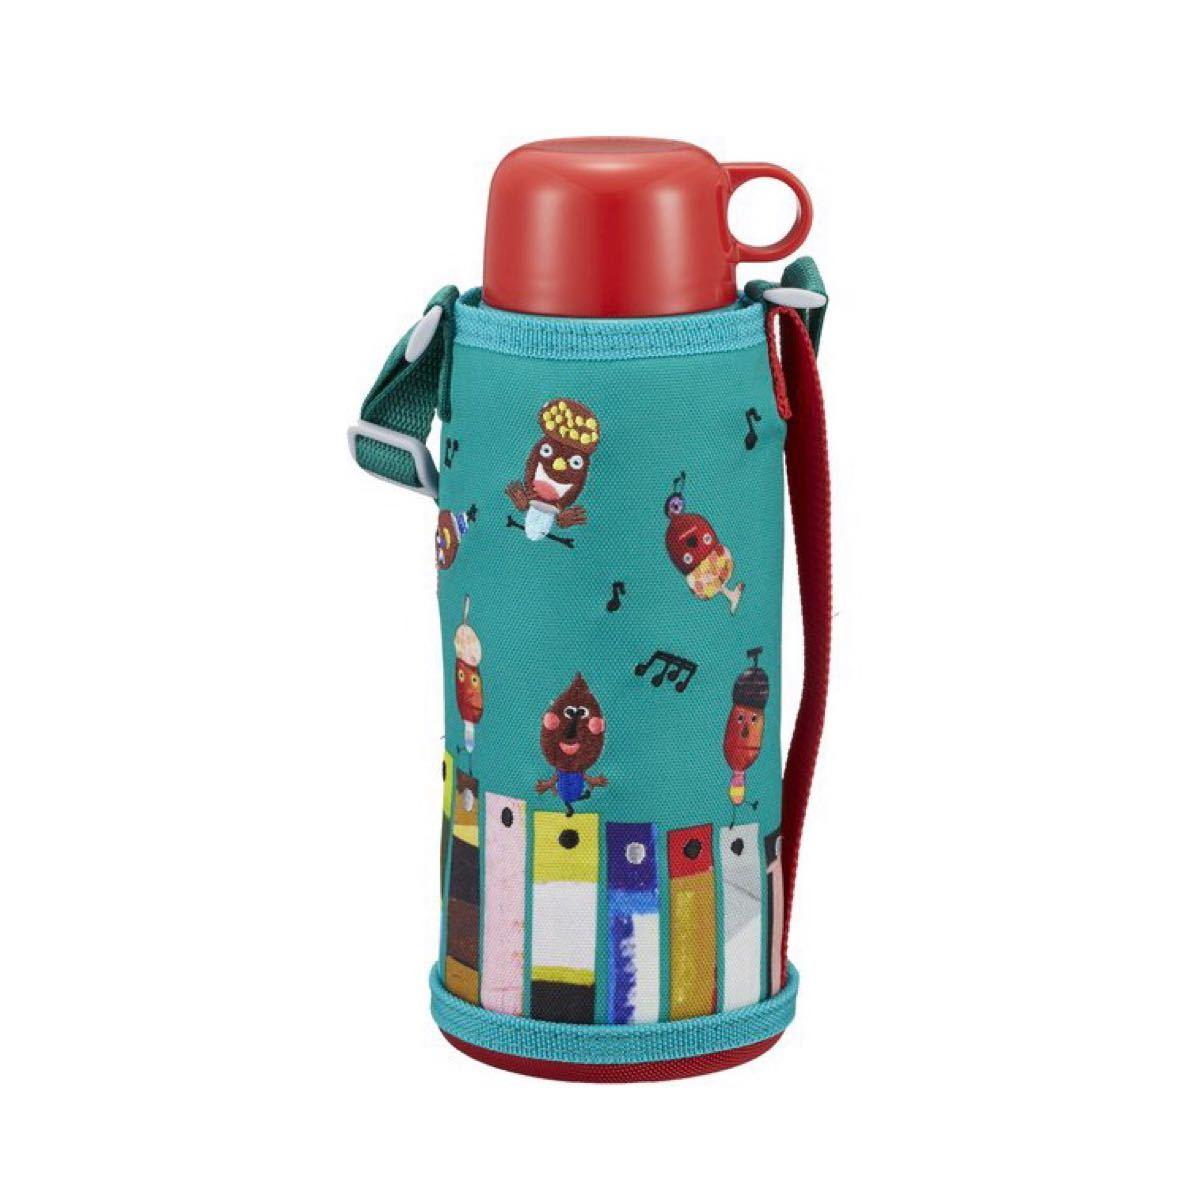 【値下げ】タイガー TIGER MBR-H08G GD ステンレスボトル  2WAY 水筒